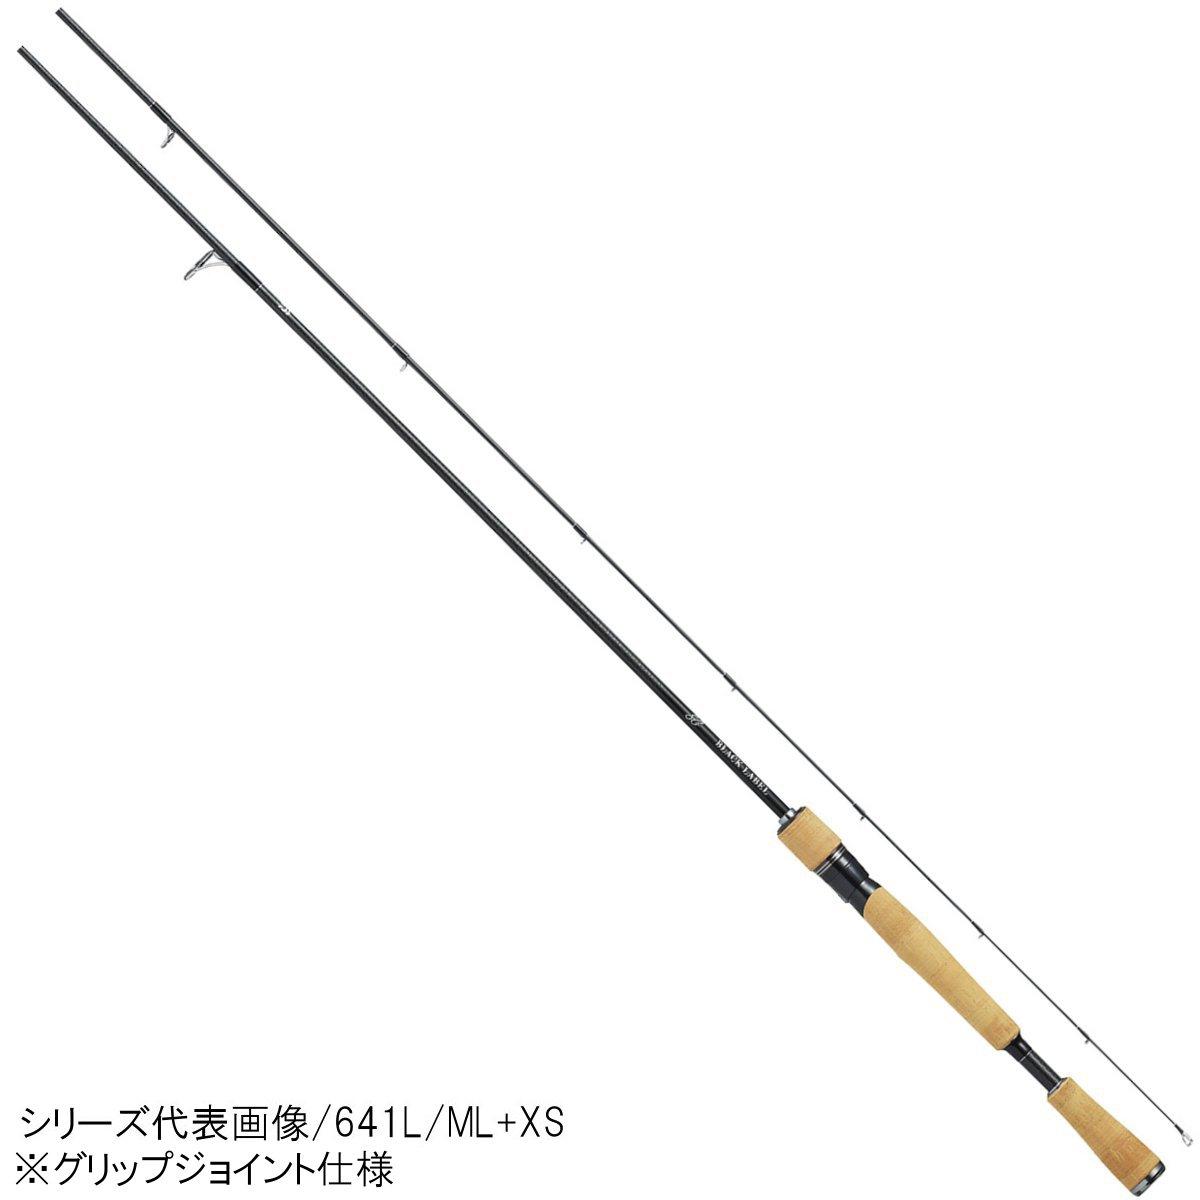 ダイワ ブラックレーベル SG(スピニングモデル) 681ML+XS【大型商品】